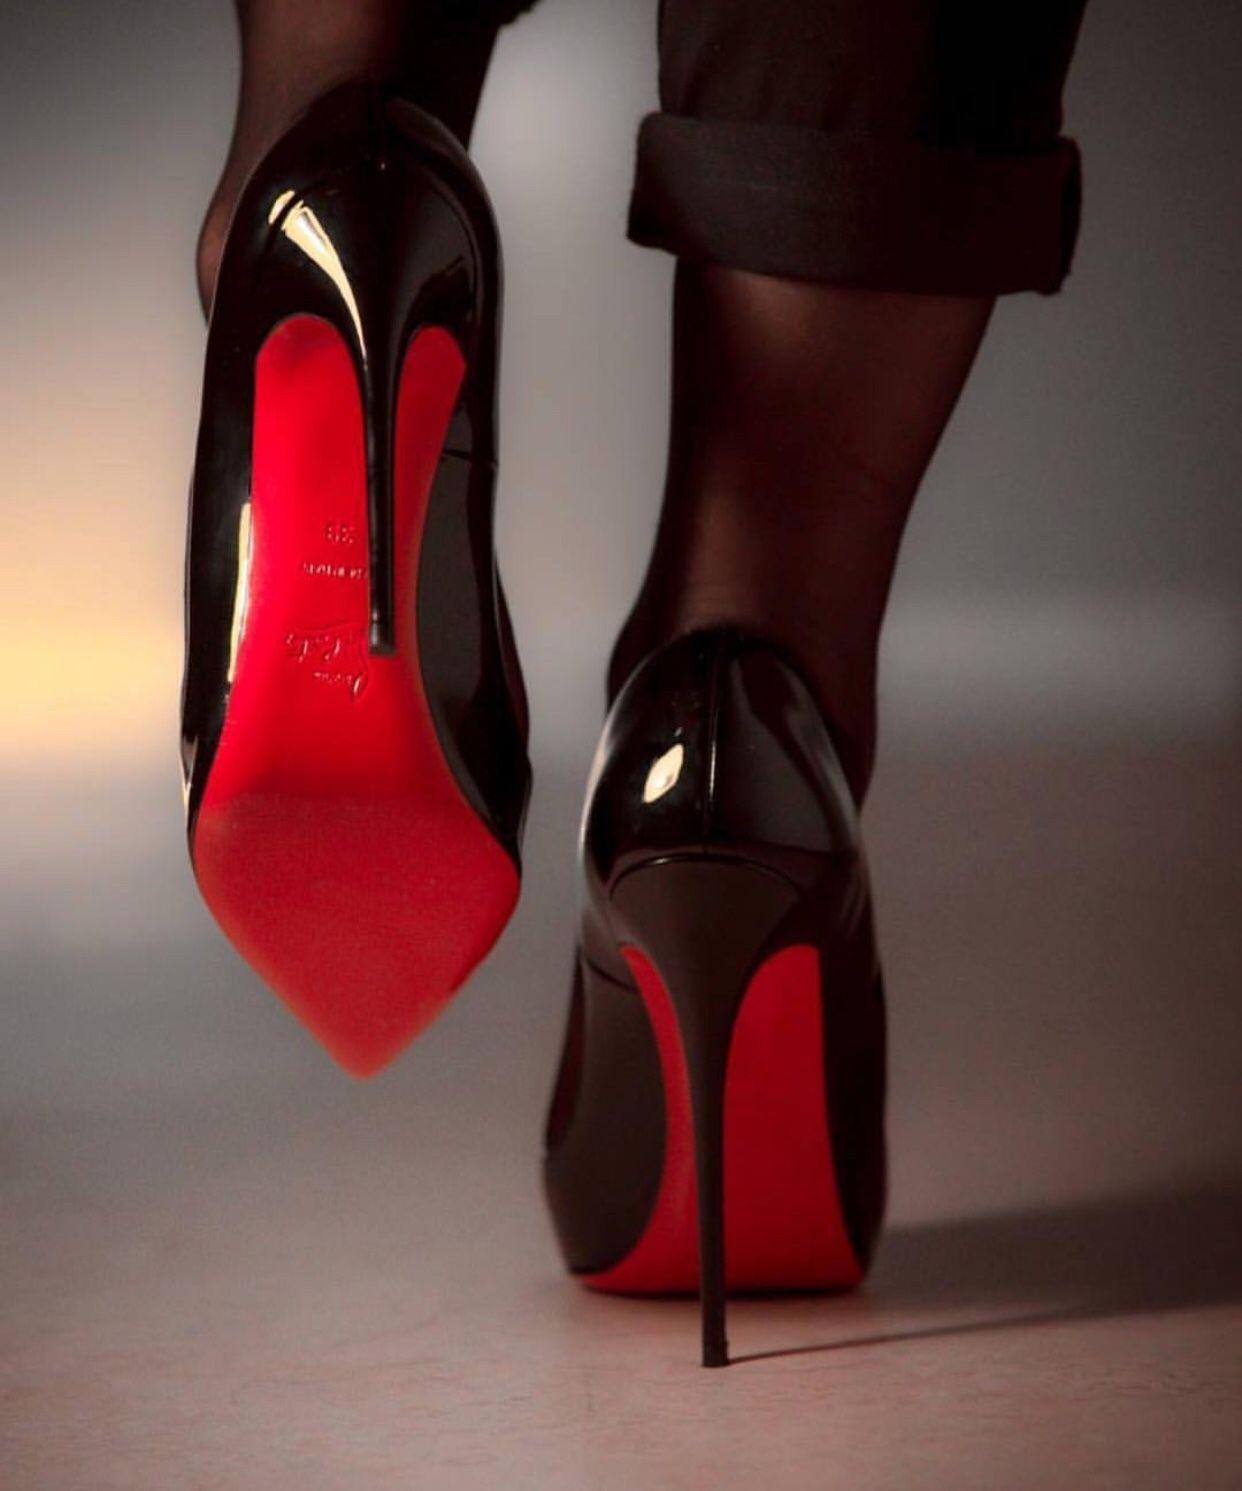 tout neuf 9a938 c5693 Épinglé sur Christian louboutin shoes